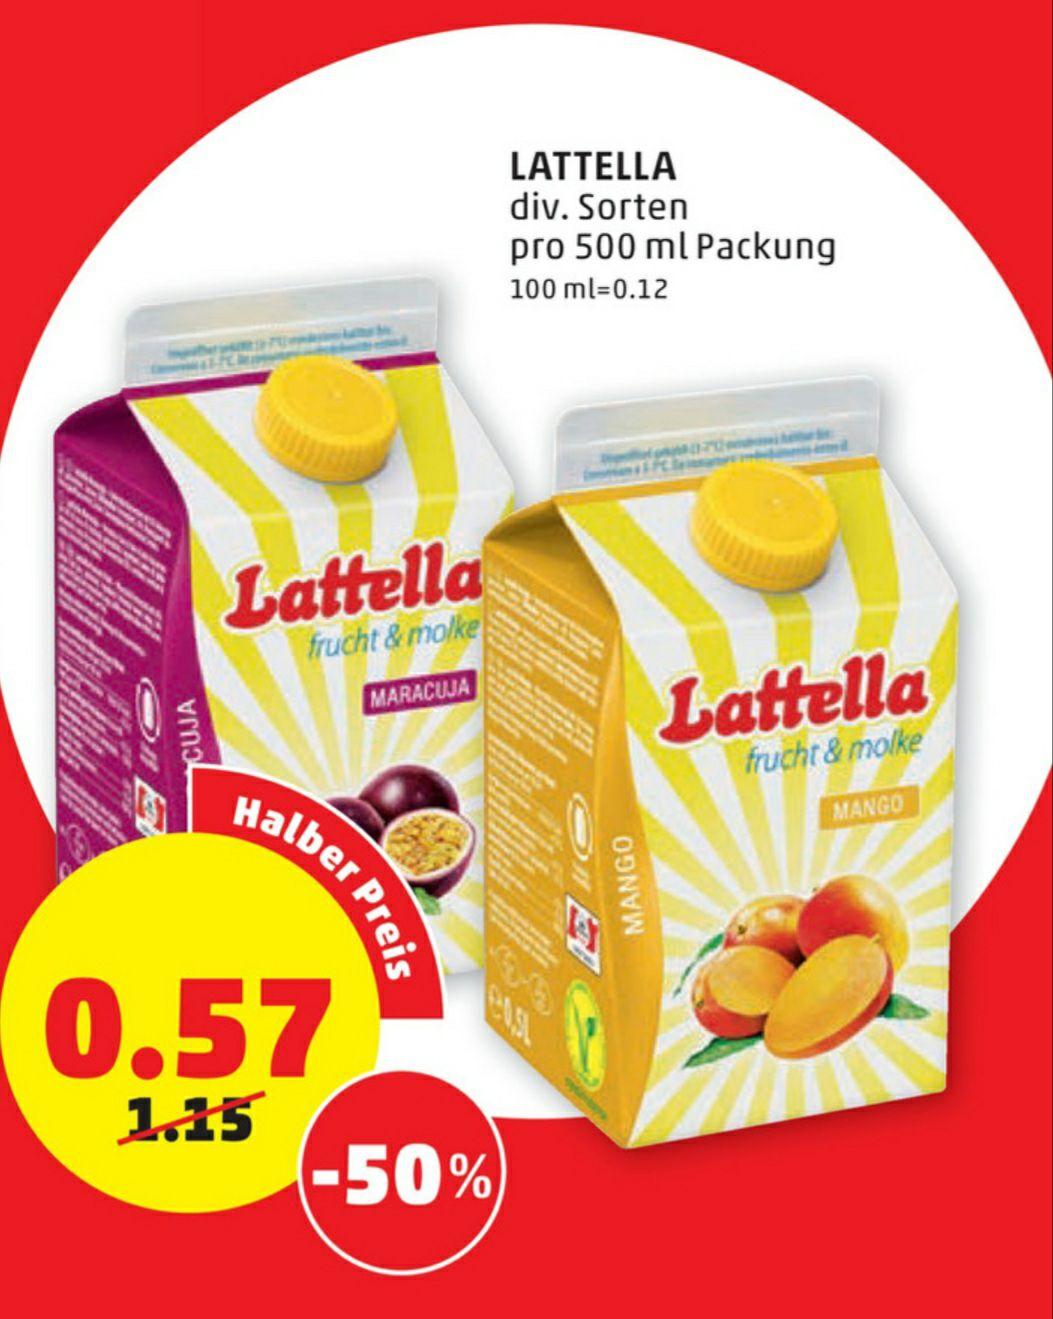 LATTELLA Fruchtmolke 500ml € 0.57 beim Penny am 28.05. und 29.05.